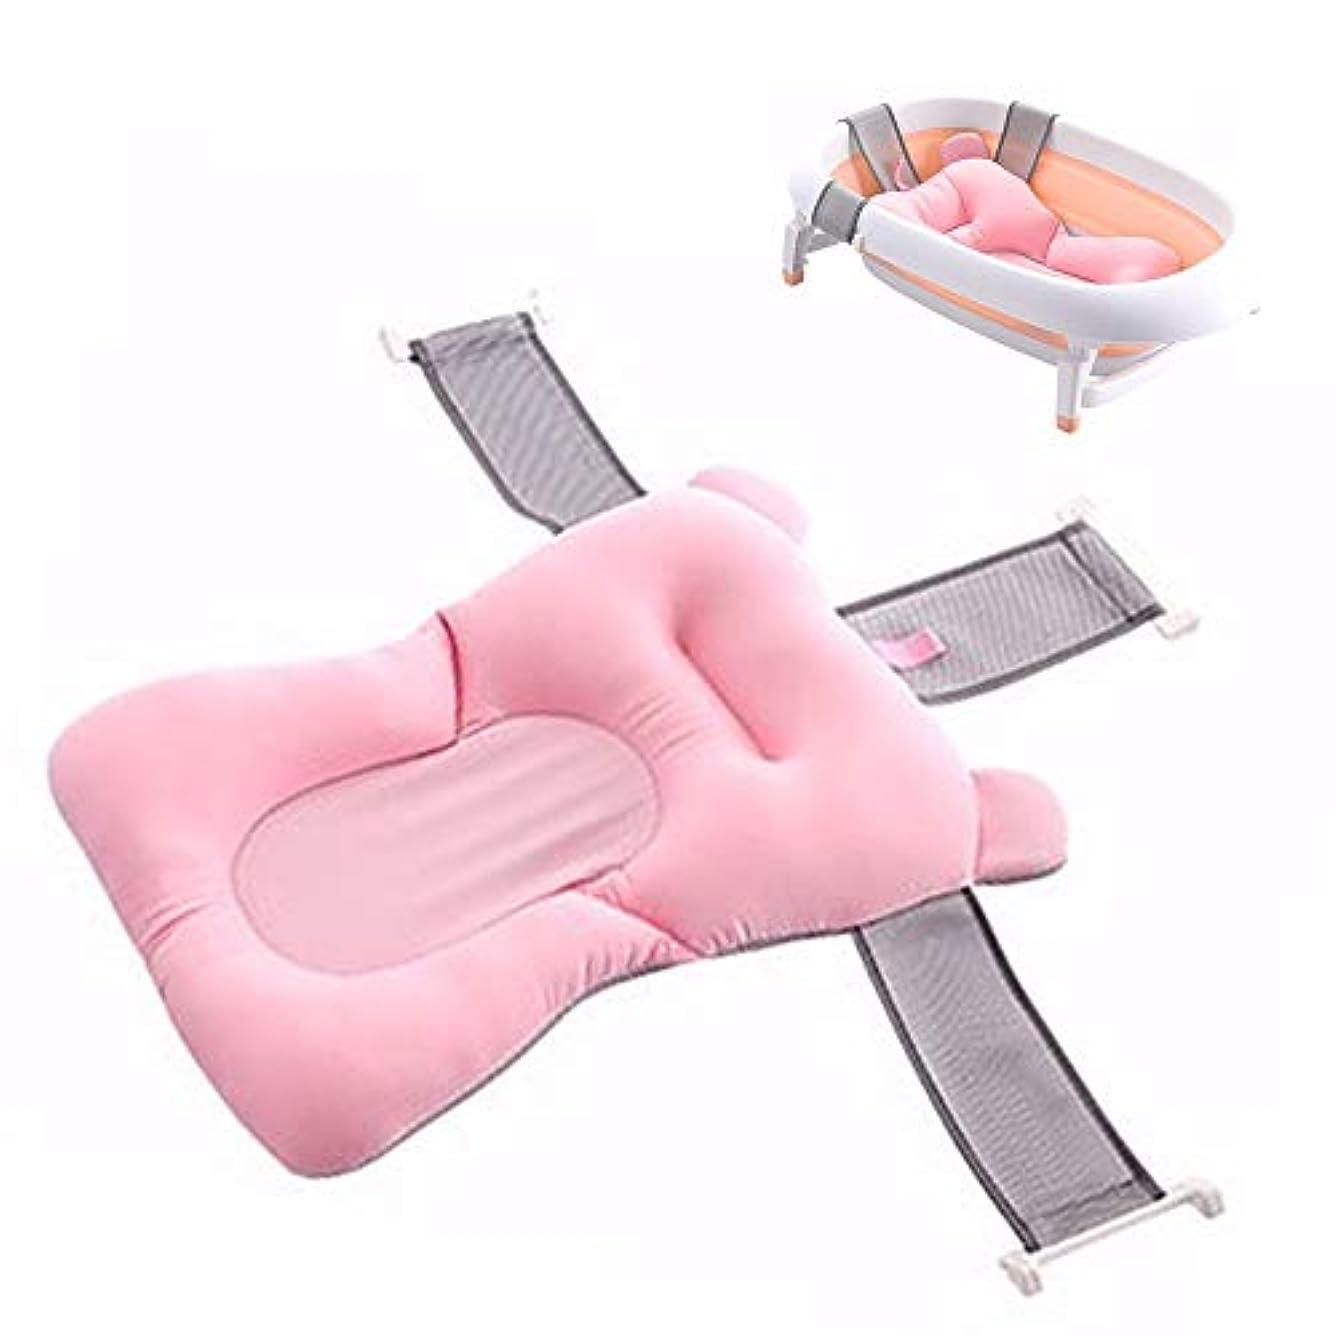 宙返り実業家バック赤ちゃん浴槽枕風呂クッション幼児ラウンジャーエアクッション柔らかい滑り止めバスシート用0-12ヶ月幼児,Pink